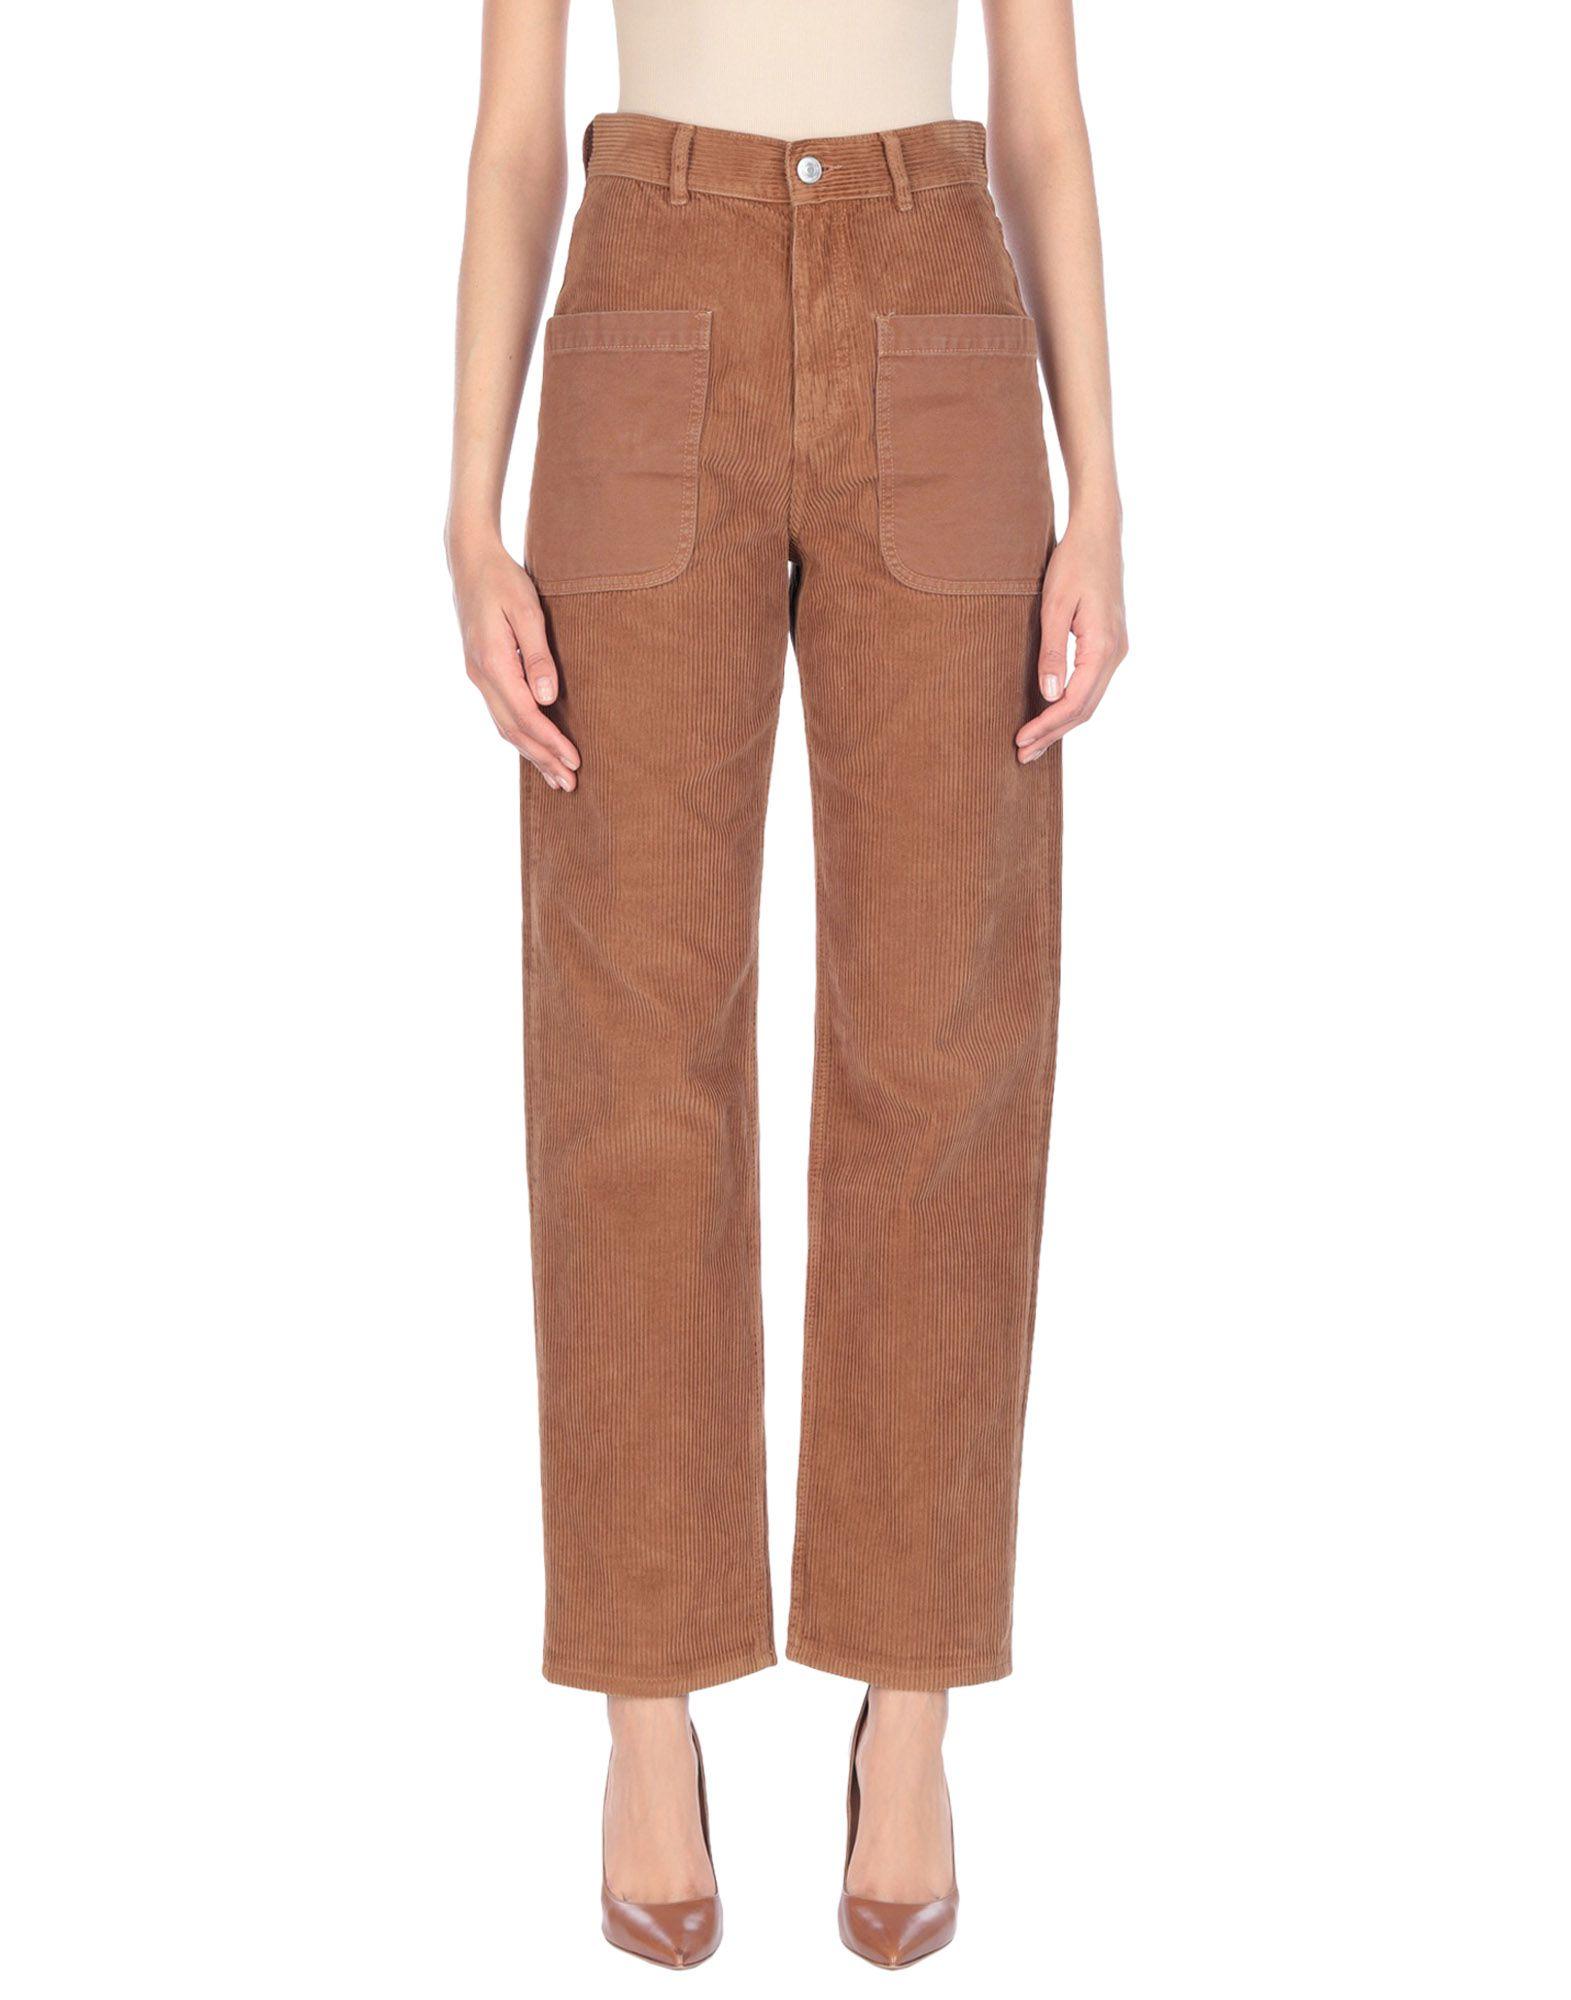 Pantalone Haikure damen - 13322184GR